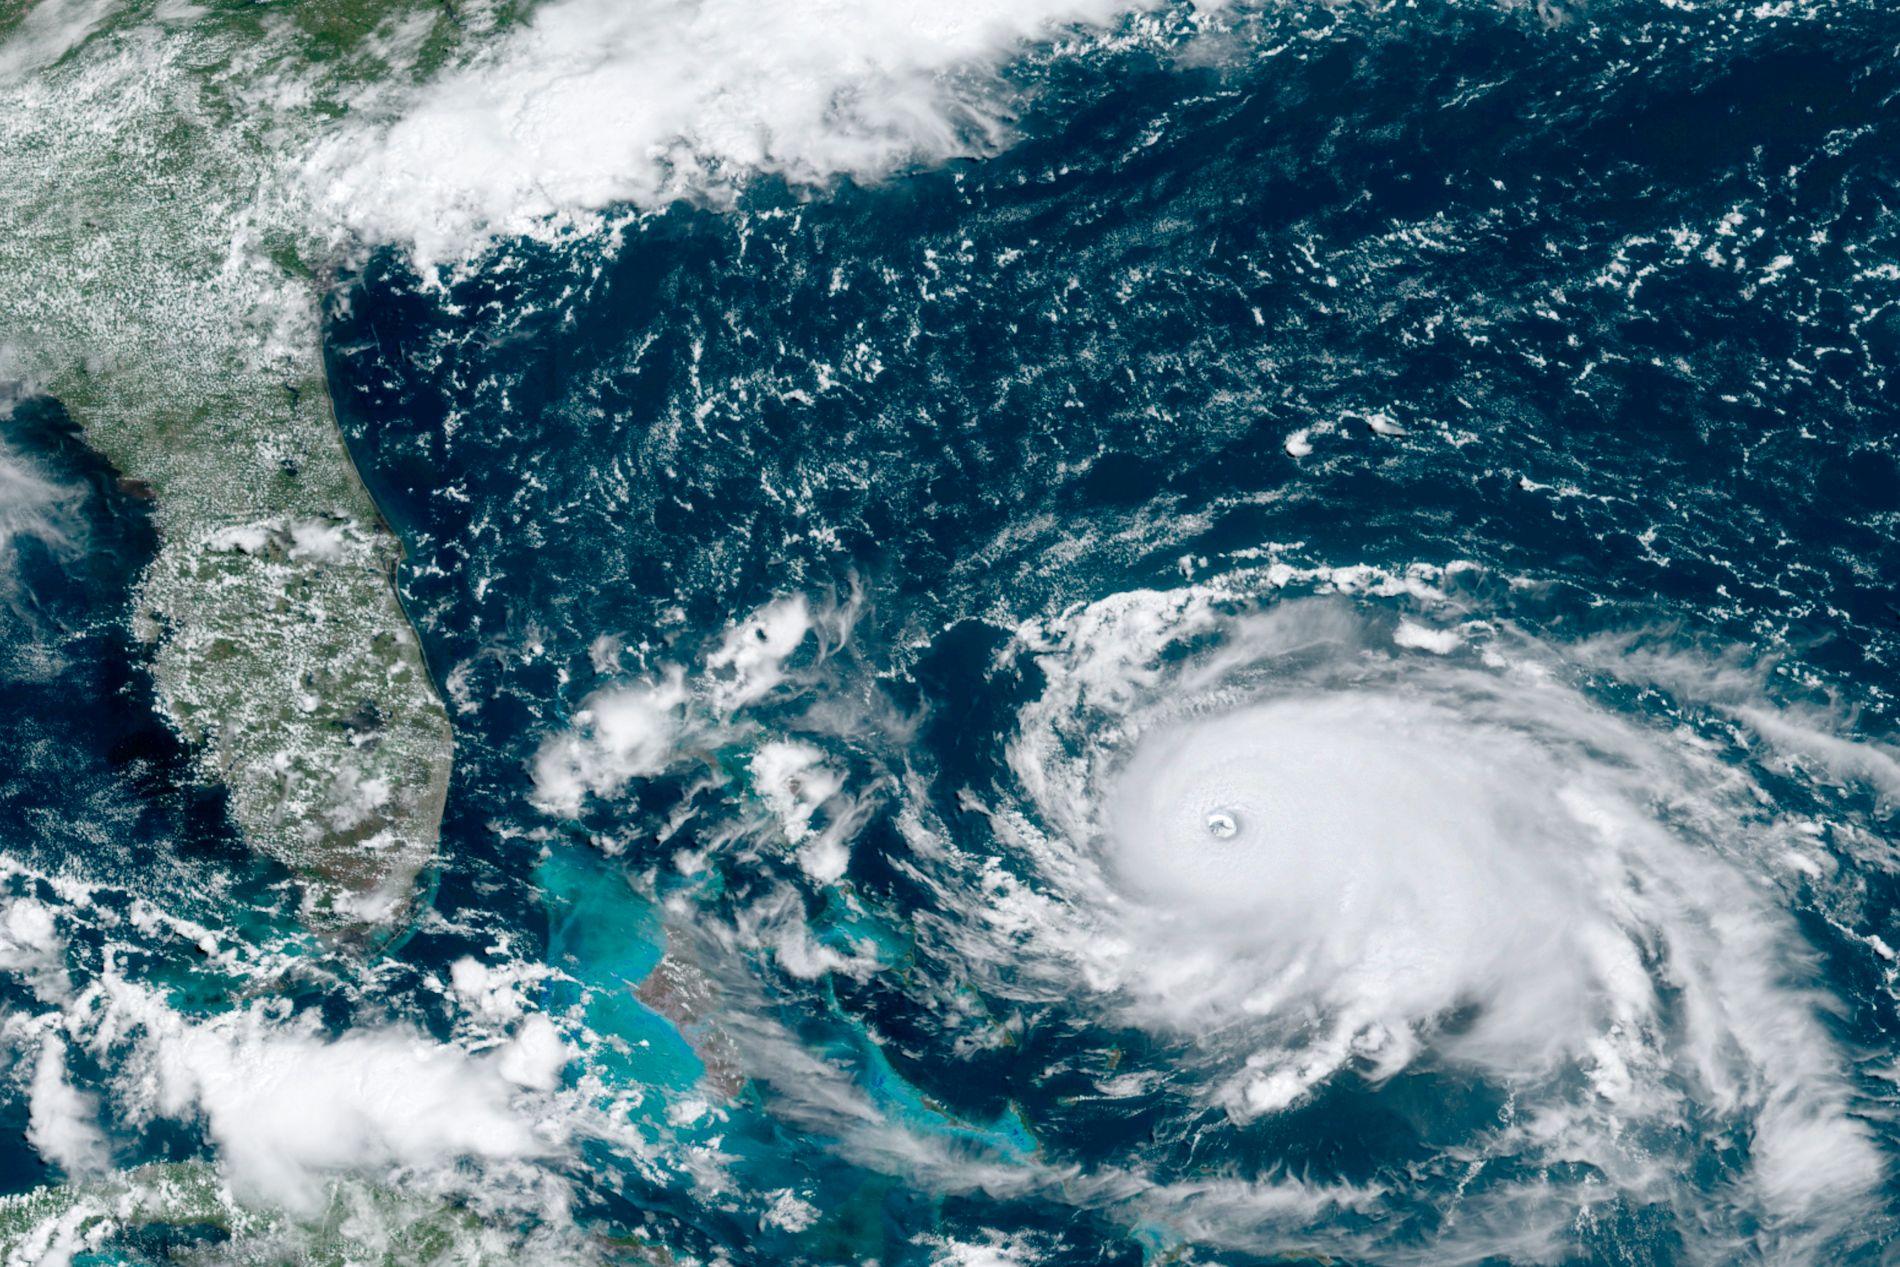 KATEGORI 5: Orkanen Dorian er blitt en kategori 5-orkan og traff det nordre Bahamas søndag. Den er nå på vei mot USAs østkyst.